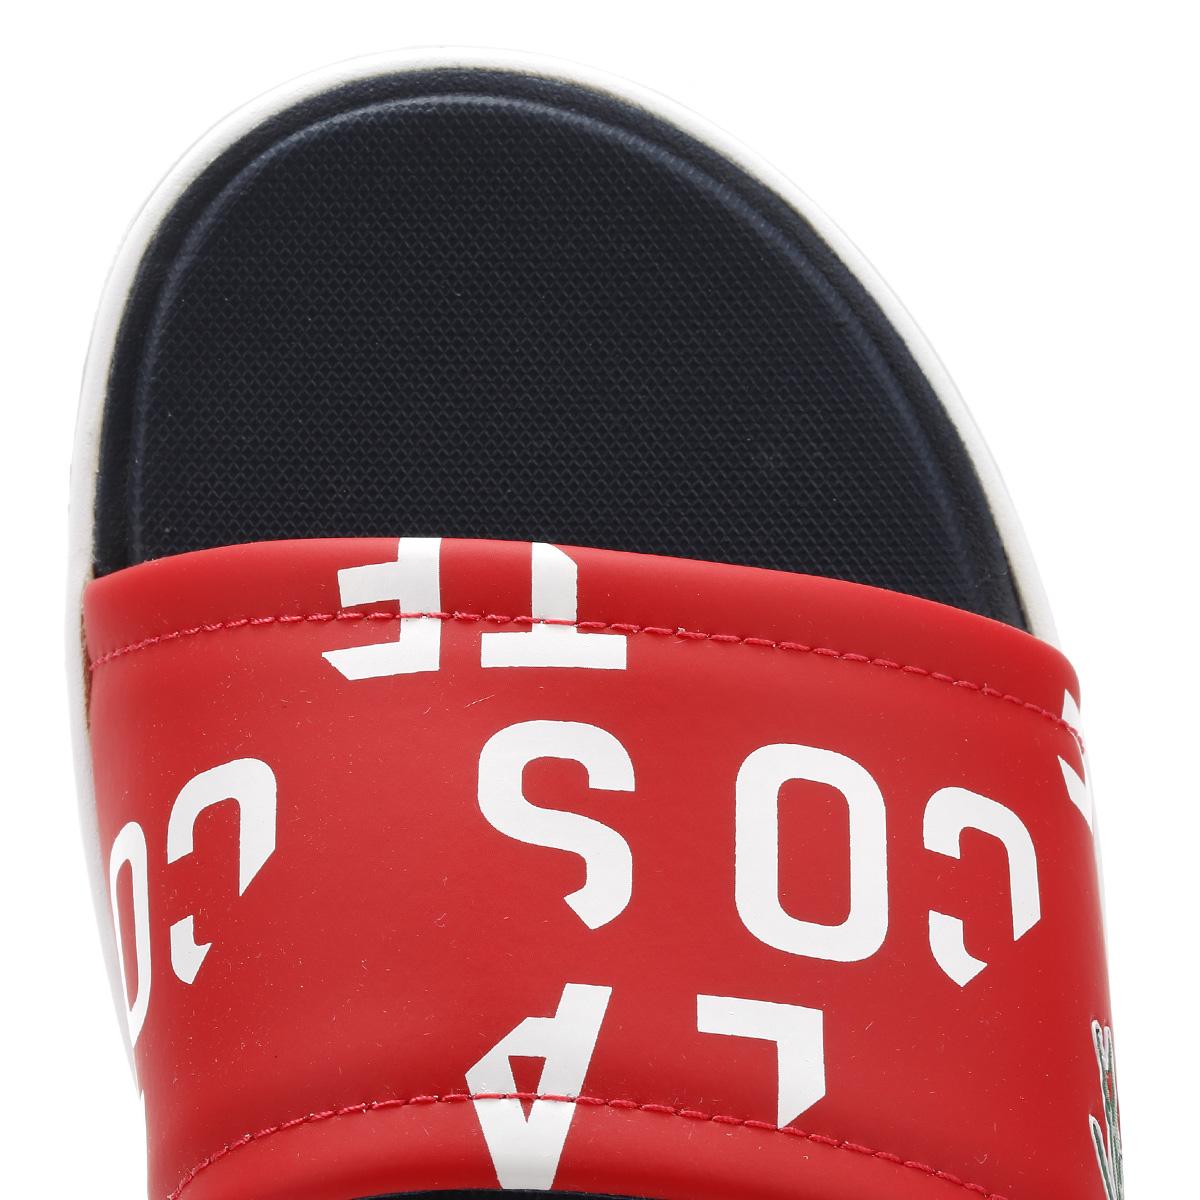 ec4bf2691e Lacoste Mens Red Flip Flops, L.30 Slide 117 2 CAM, Summer, Beach | eBay